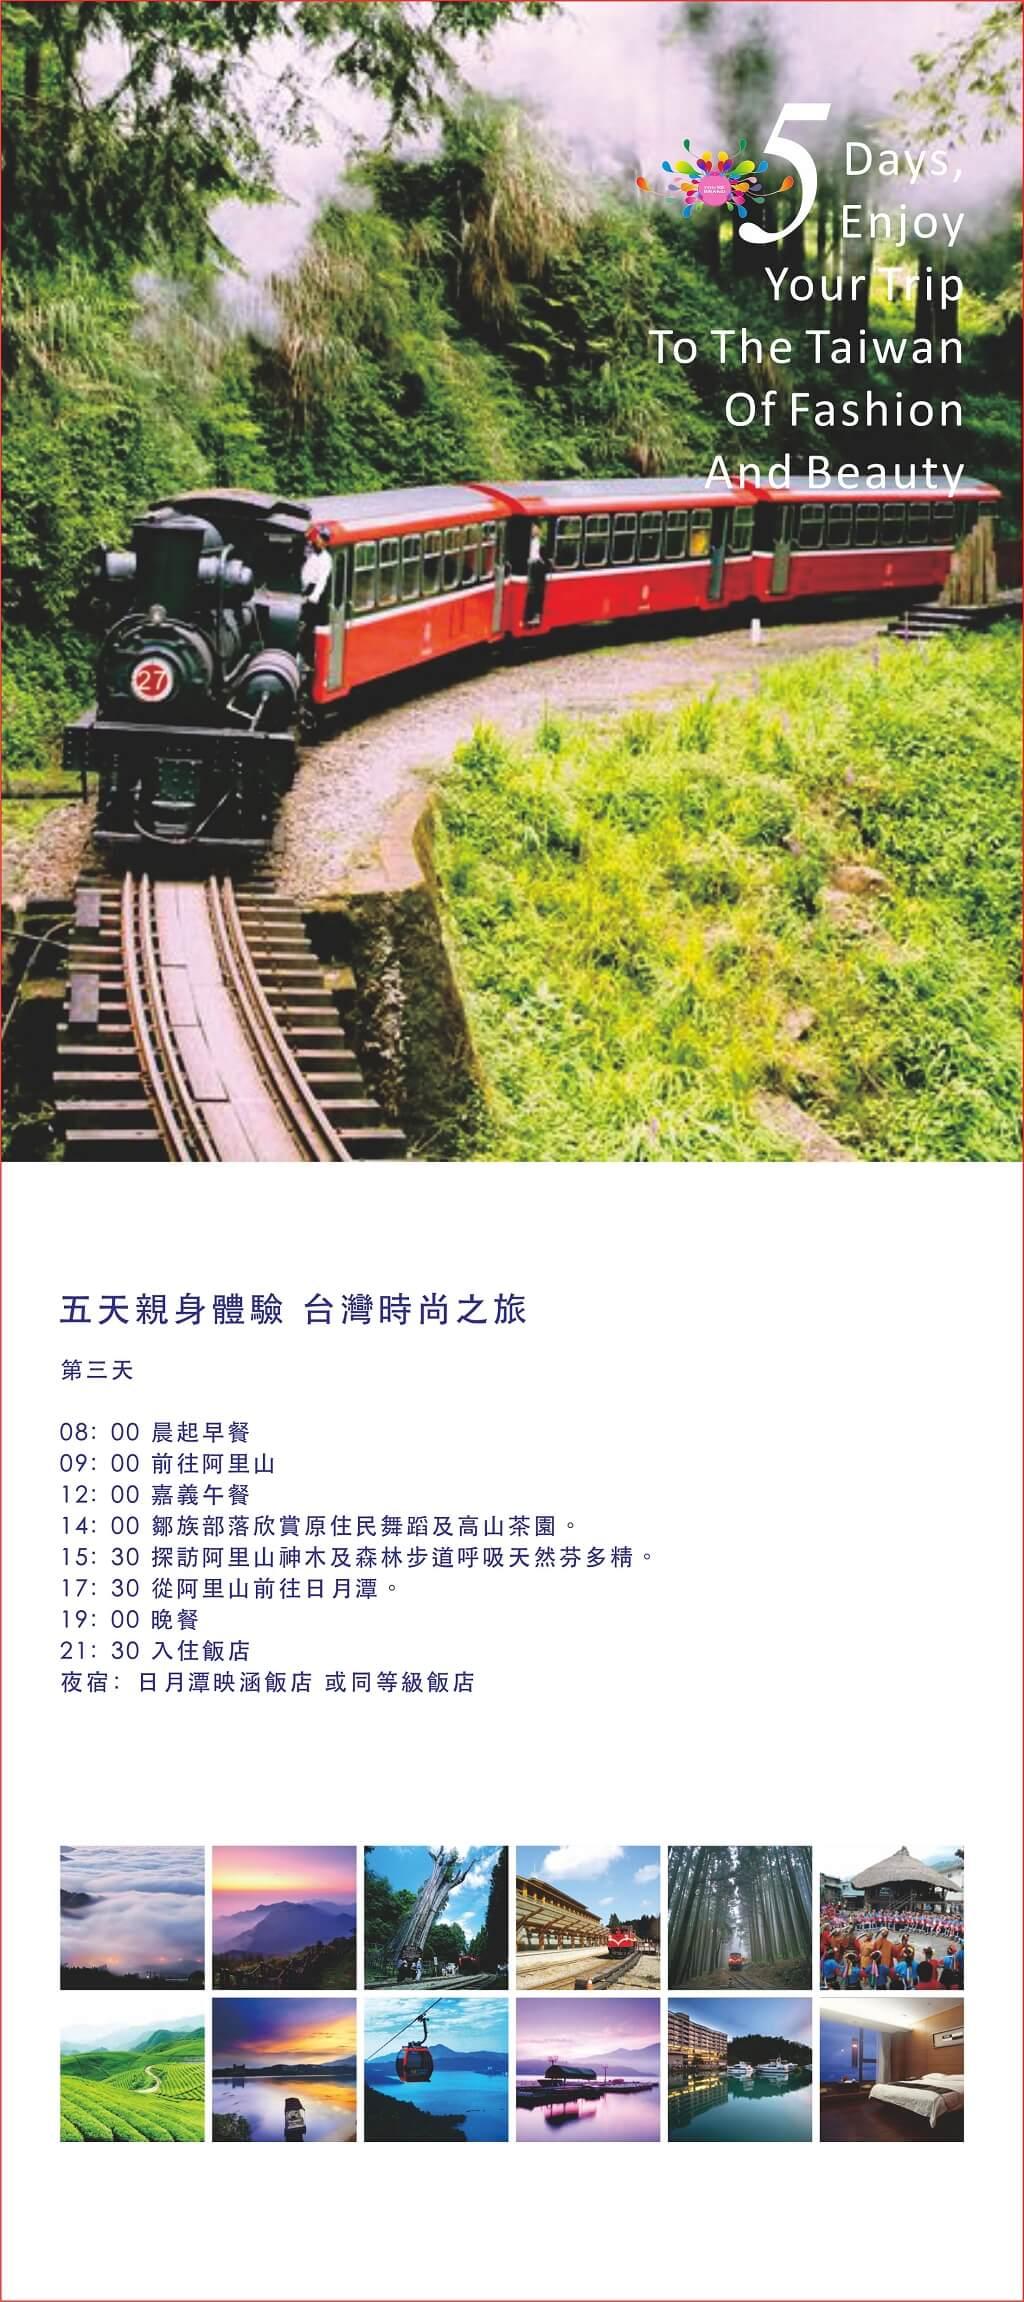 歐瑪聖絲-時尚產業代理-旅遊配套-10